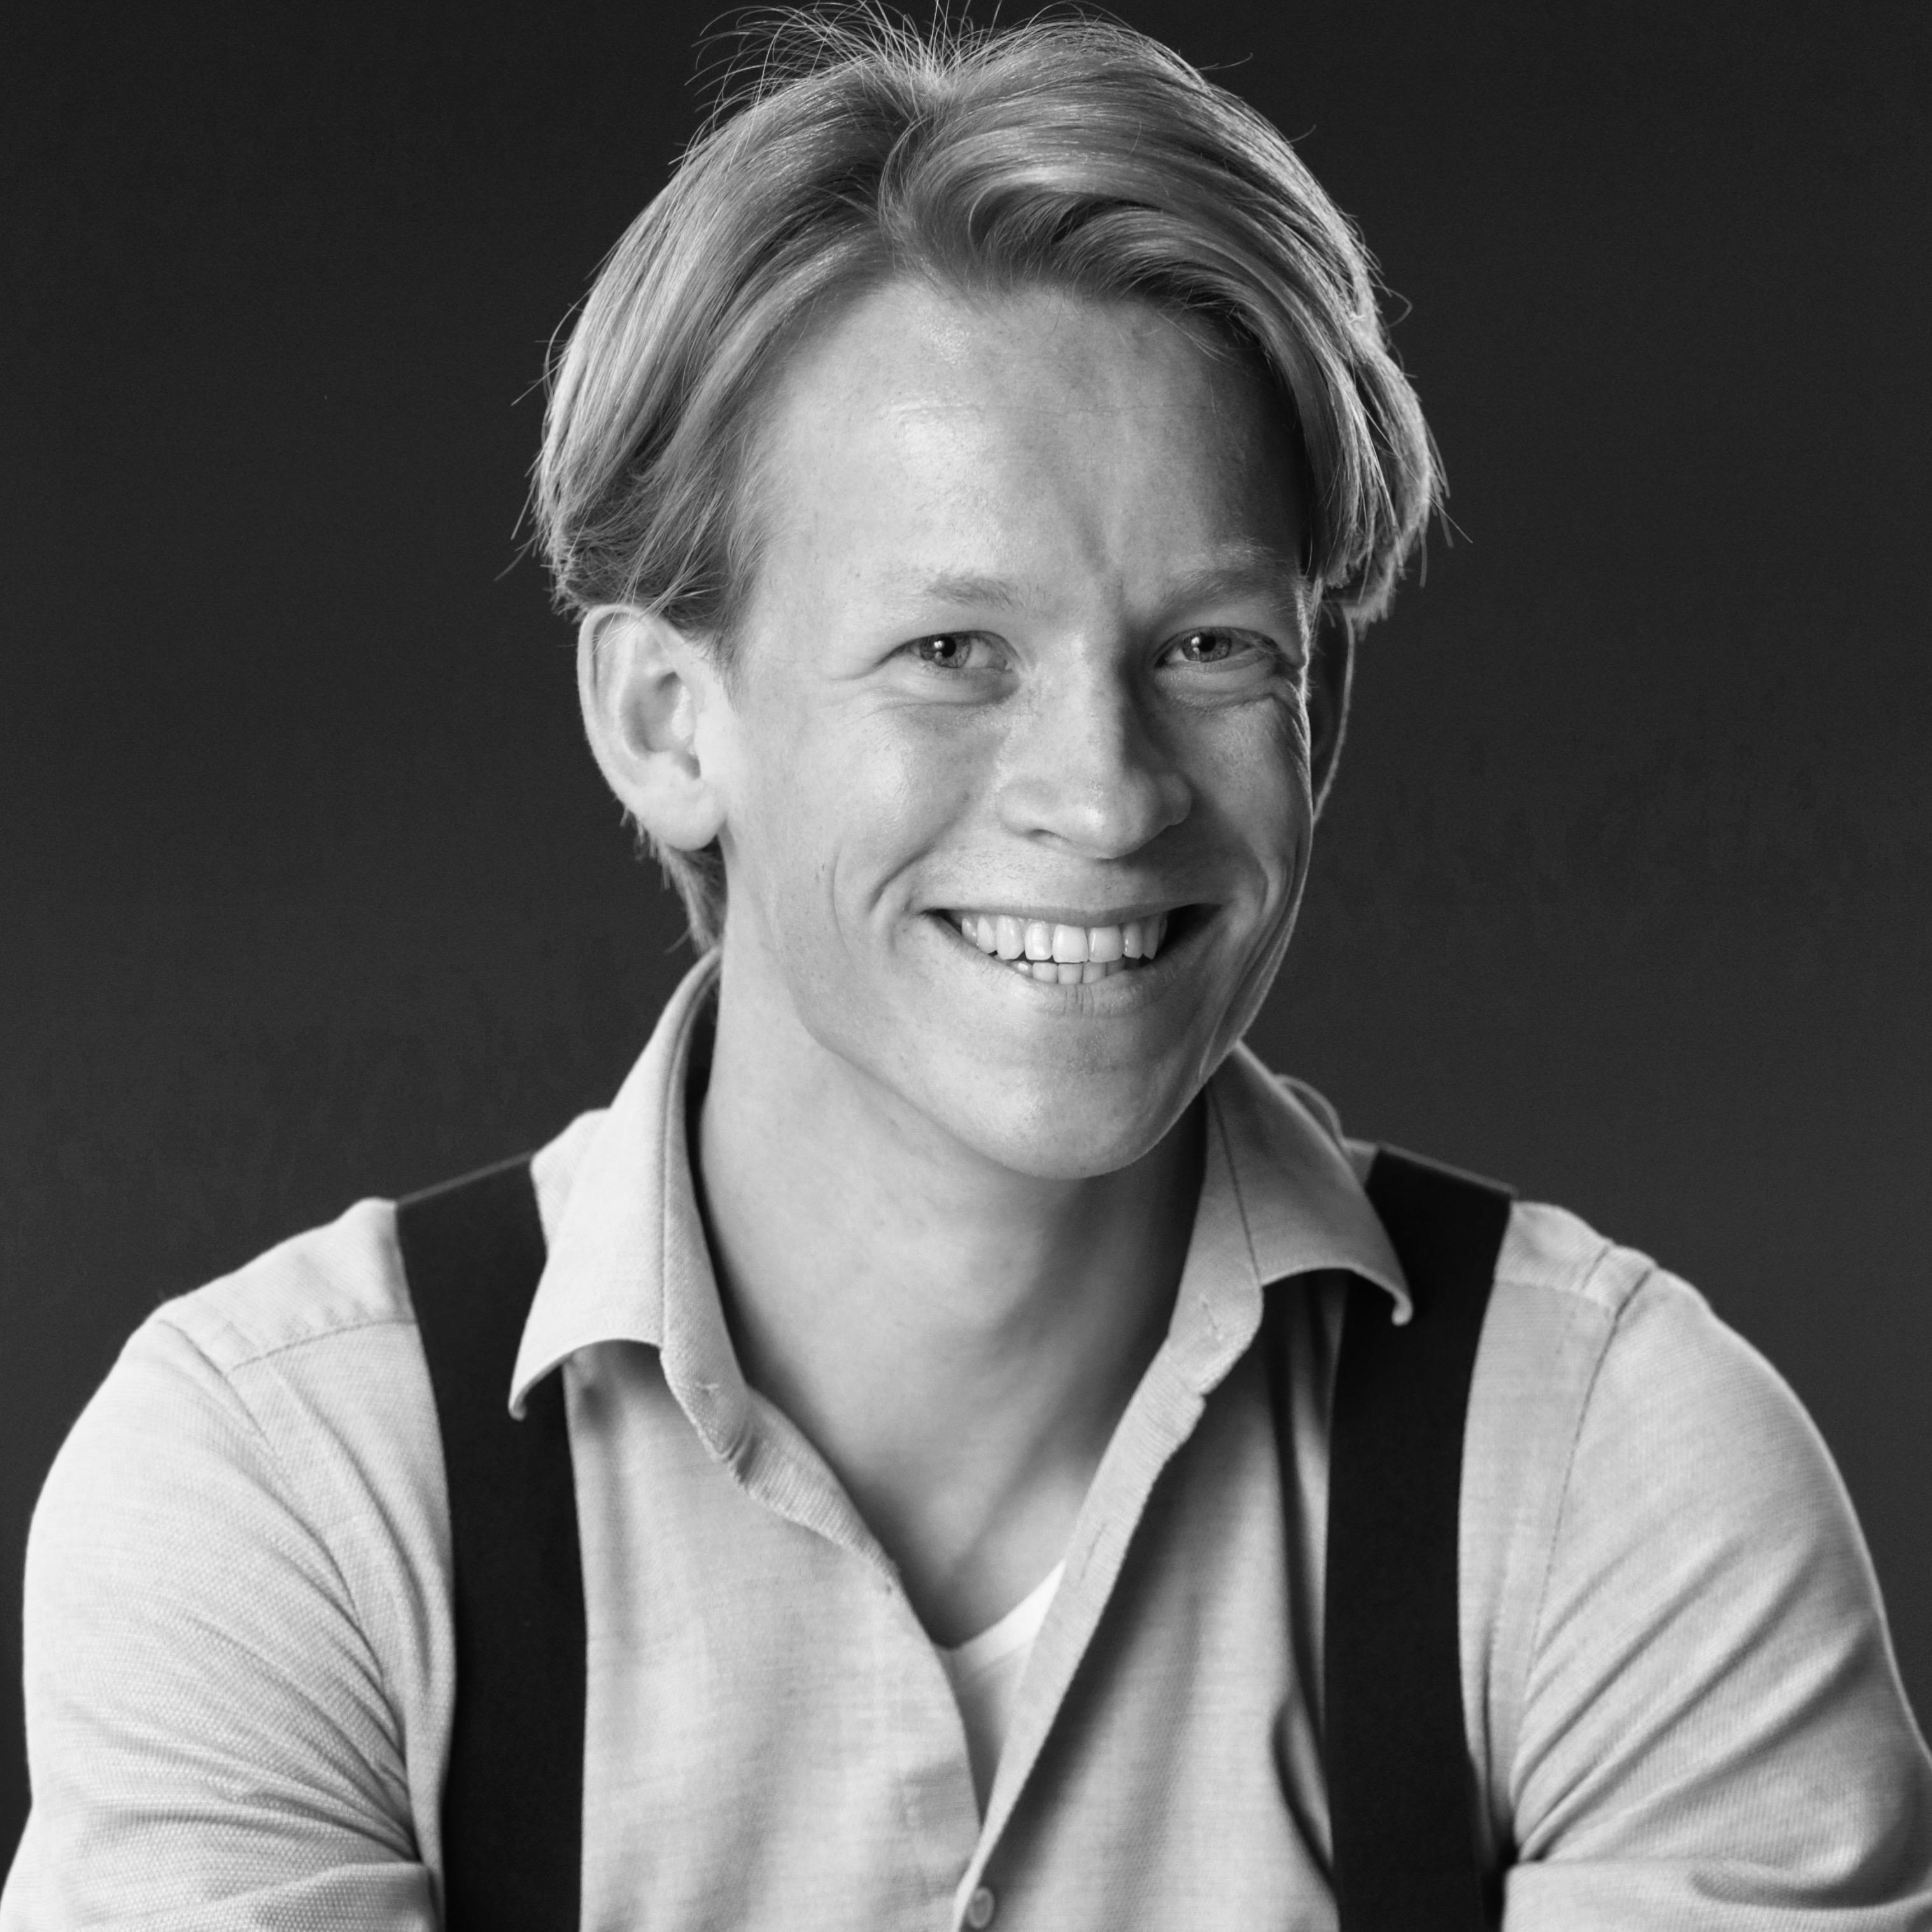 Lars is 23 en een van de weinige jonge raadsleden in de Noordkop: 'De gemeentepolitiek mag best wat laagdrempeliger worden'